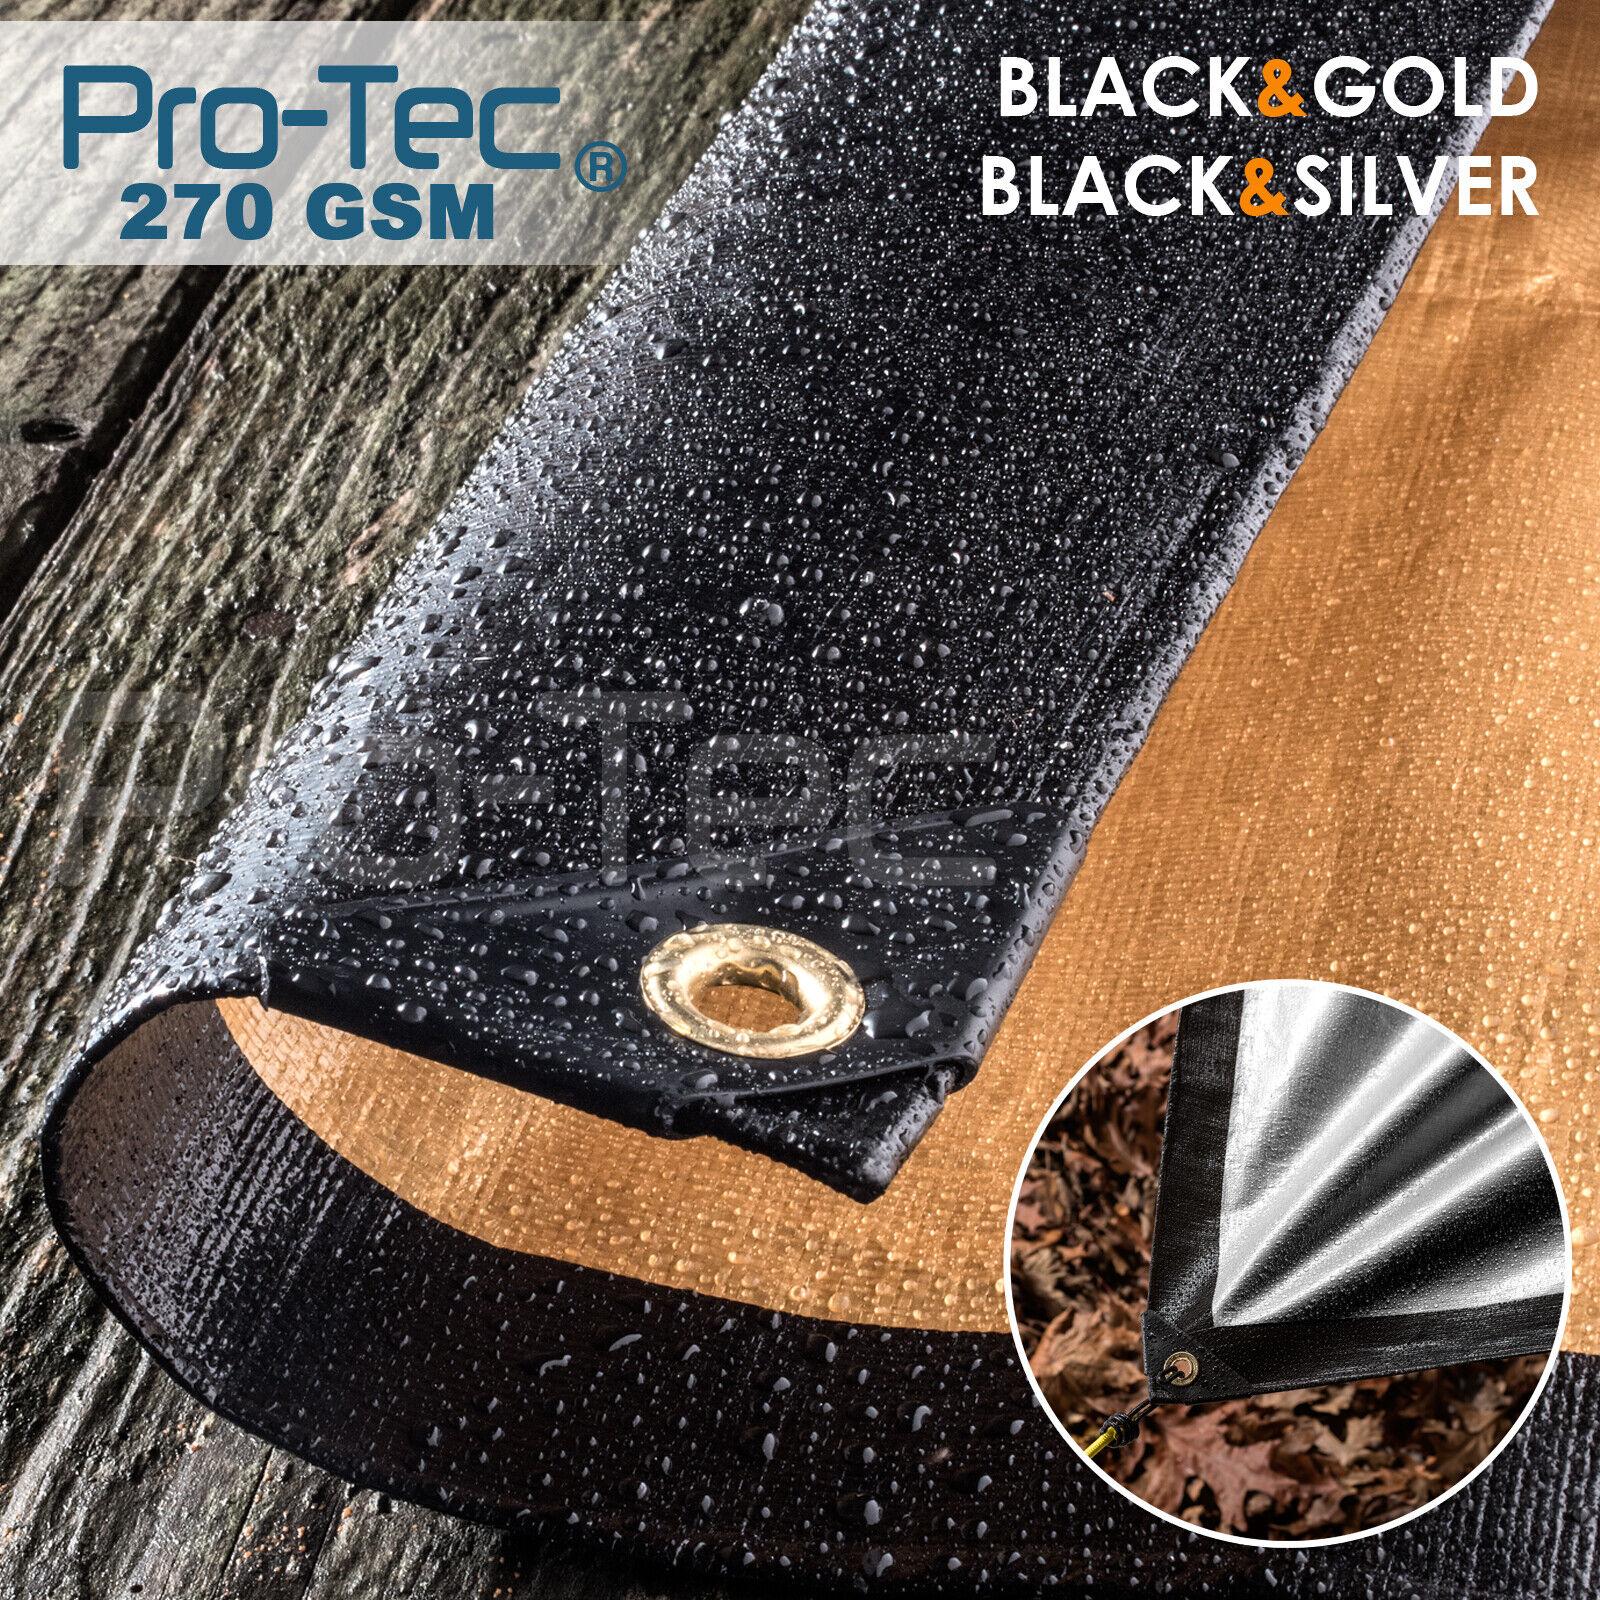 270GSM Tarpaulin Extra Heavy Duty Builders Waterproof Ground Sheet Cover Black